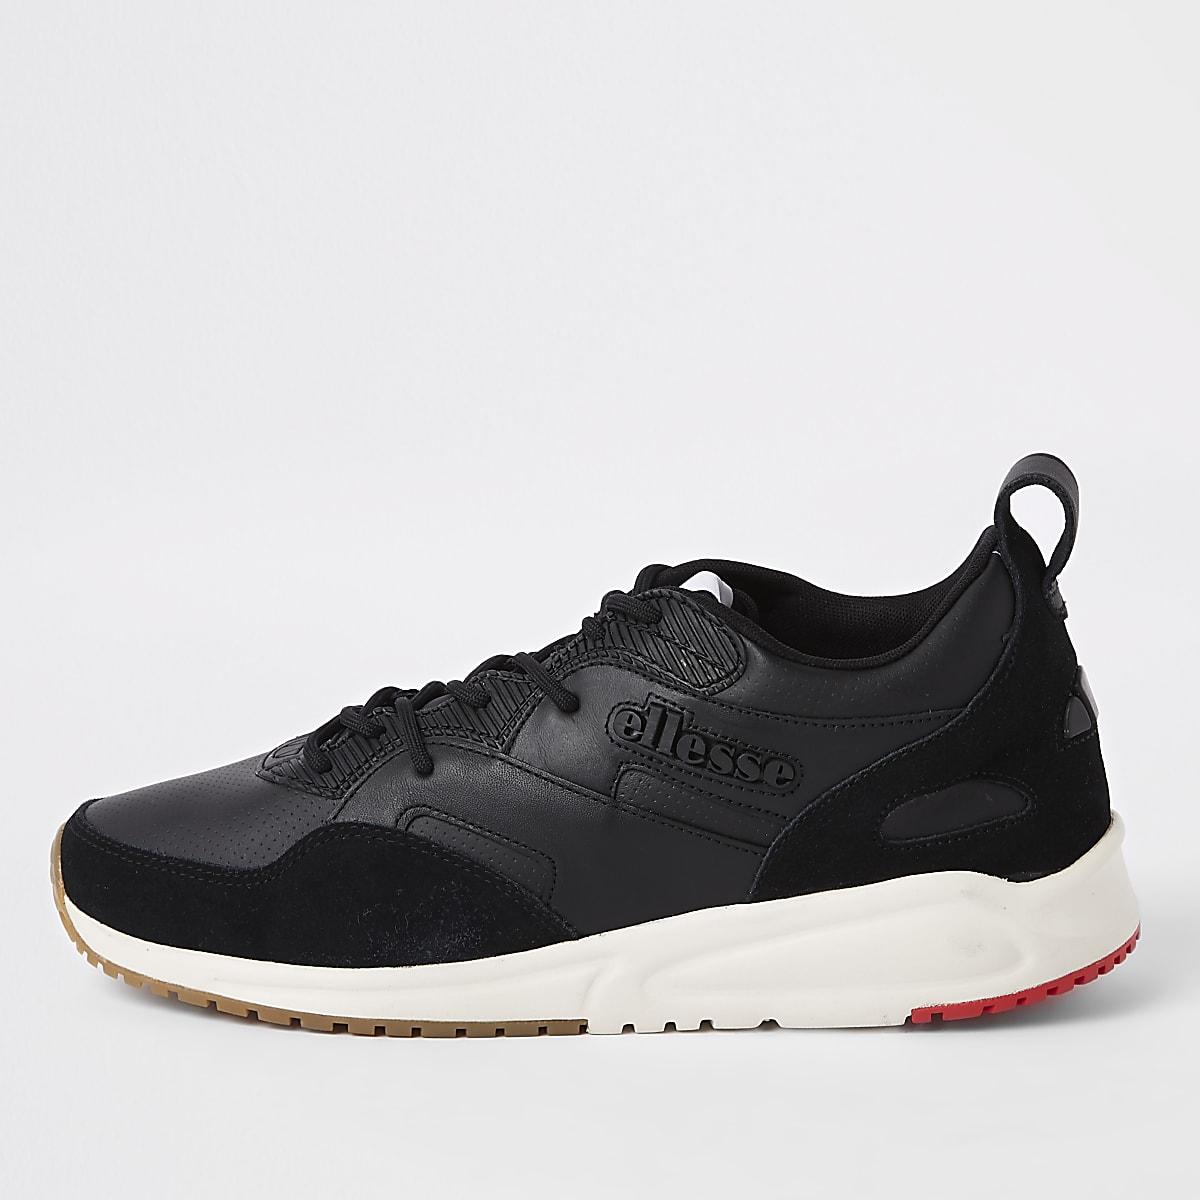 64d11ebc7e1 Ellesse - Zwarte Potenza sneakers van leer - Sneakers - Schoenen ...